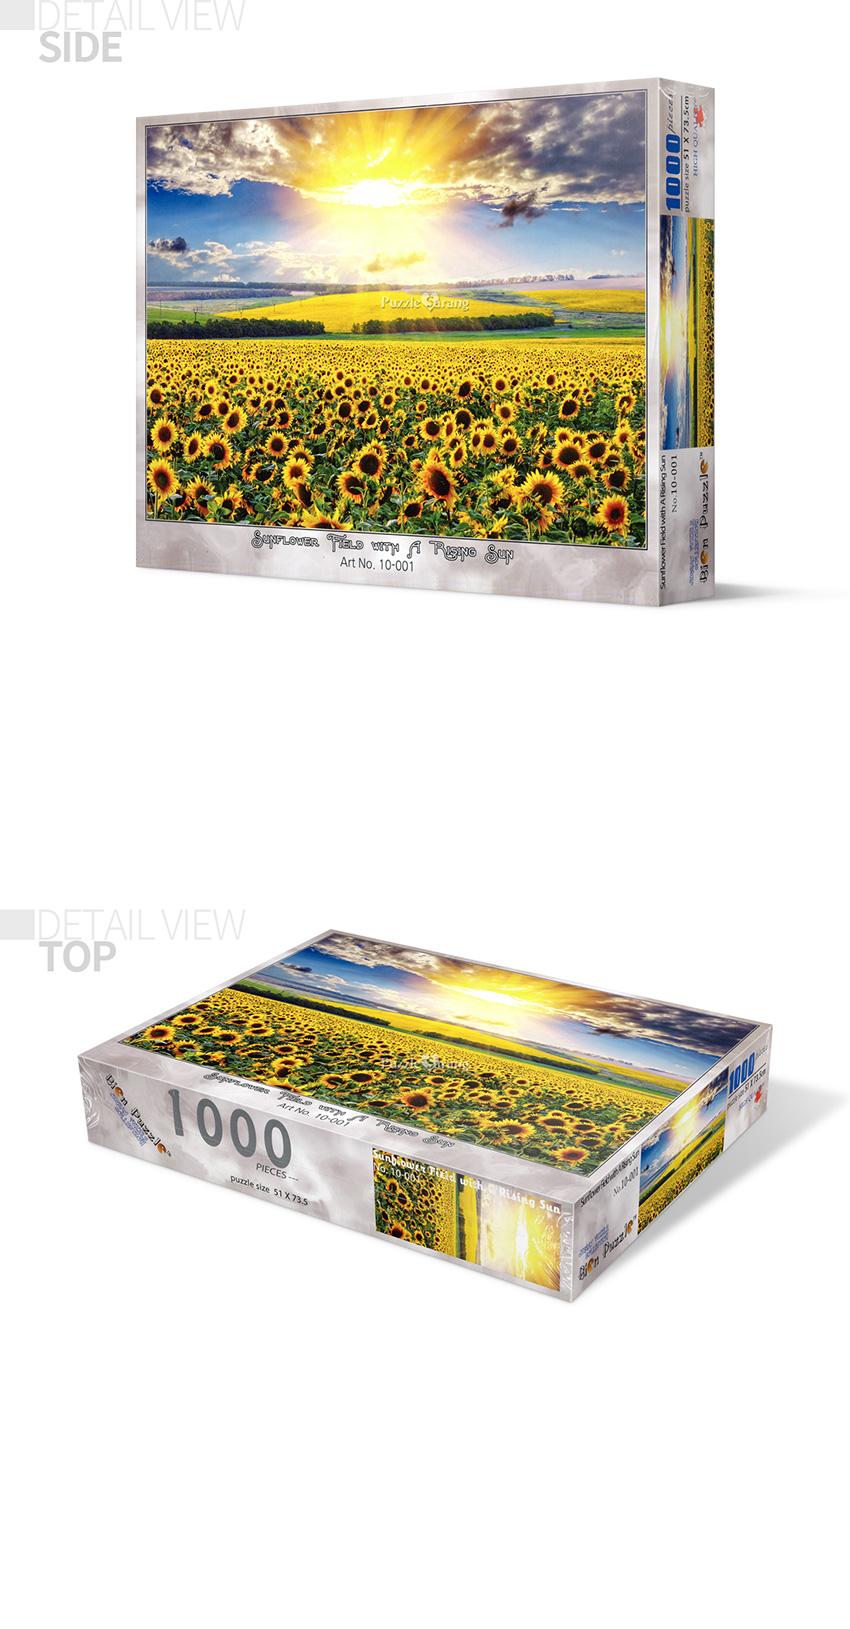 1000피스 직소퍼즐 - 해바라기 들판의 환상적인 일출 - 퍼즐사랑, 9,600원, 조각/퍼즐, 풍경 직소퍼즐